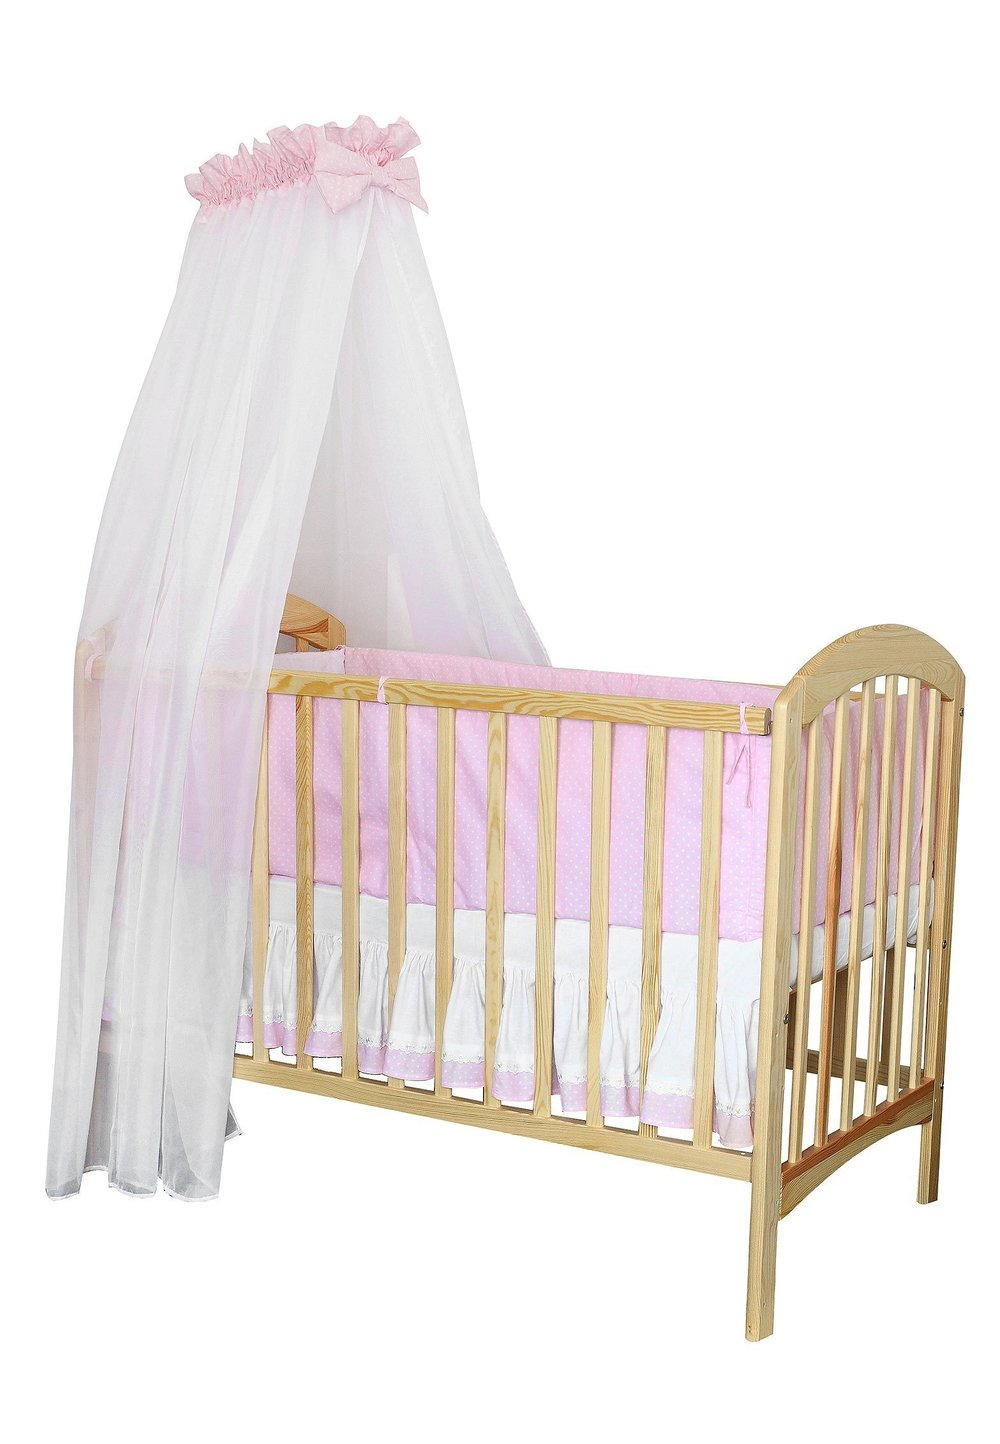 Baldachin patut, roz cu buline albe, 300 x 160 cm imagine